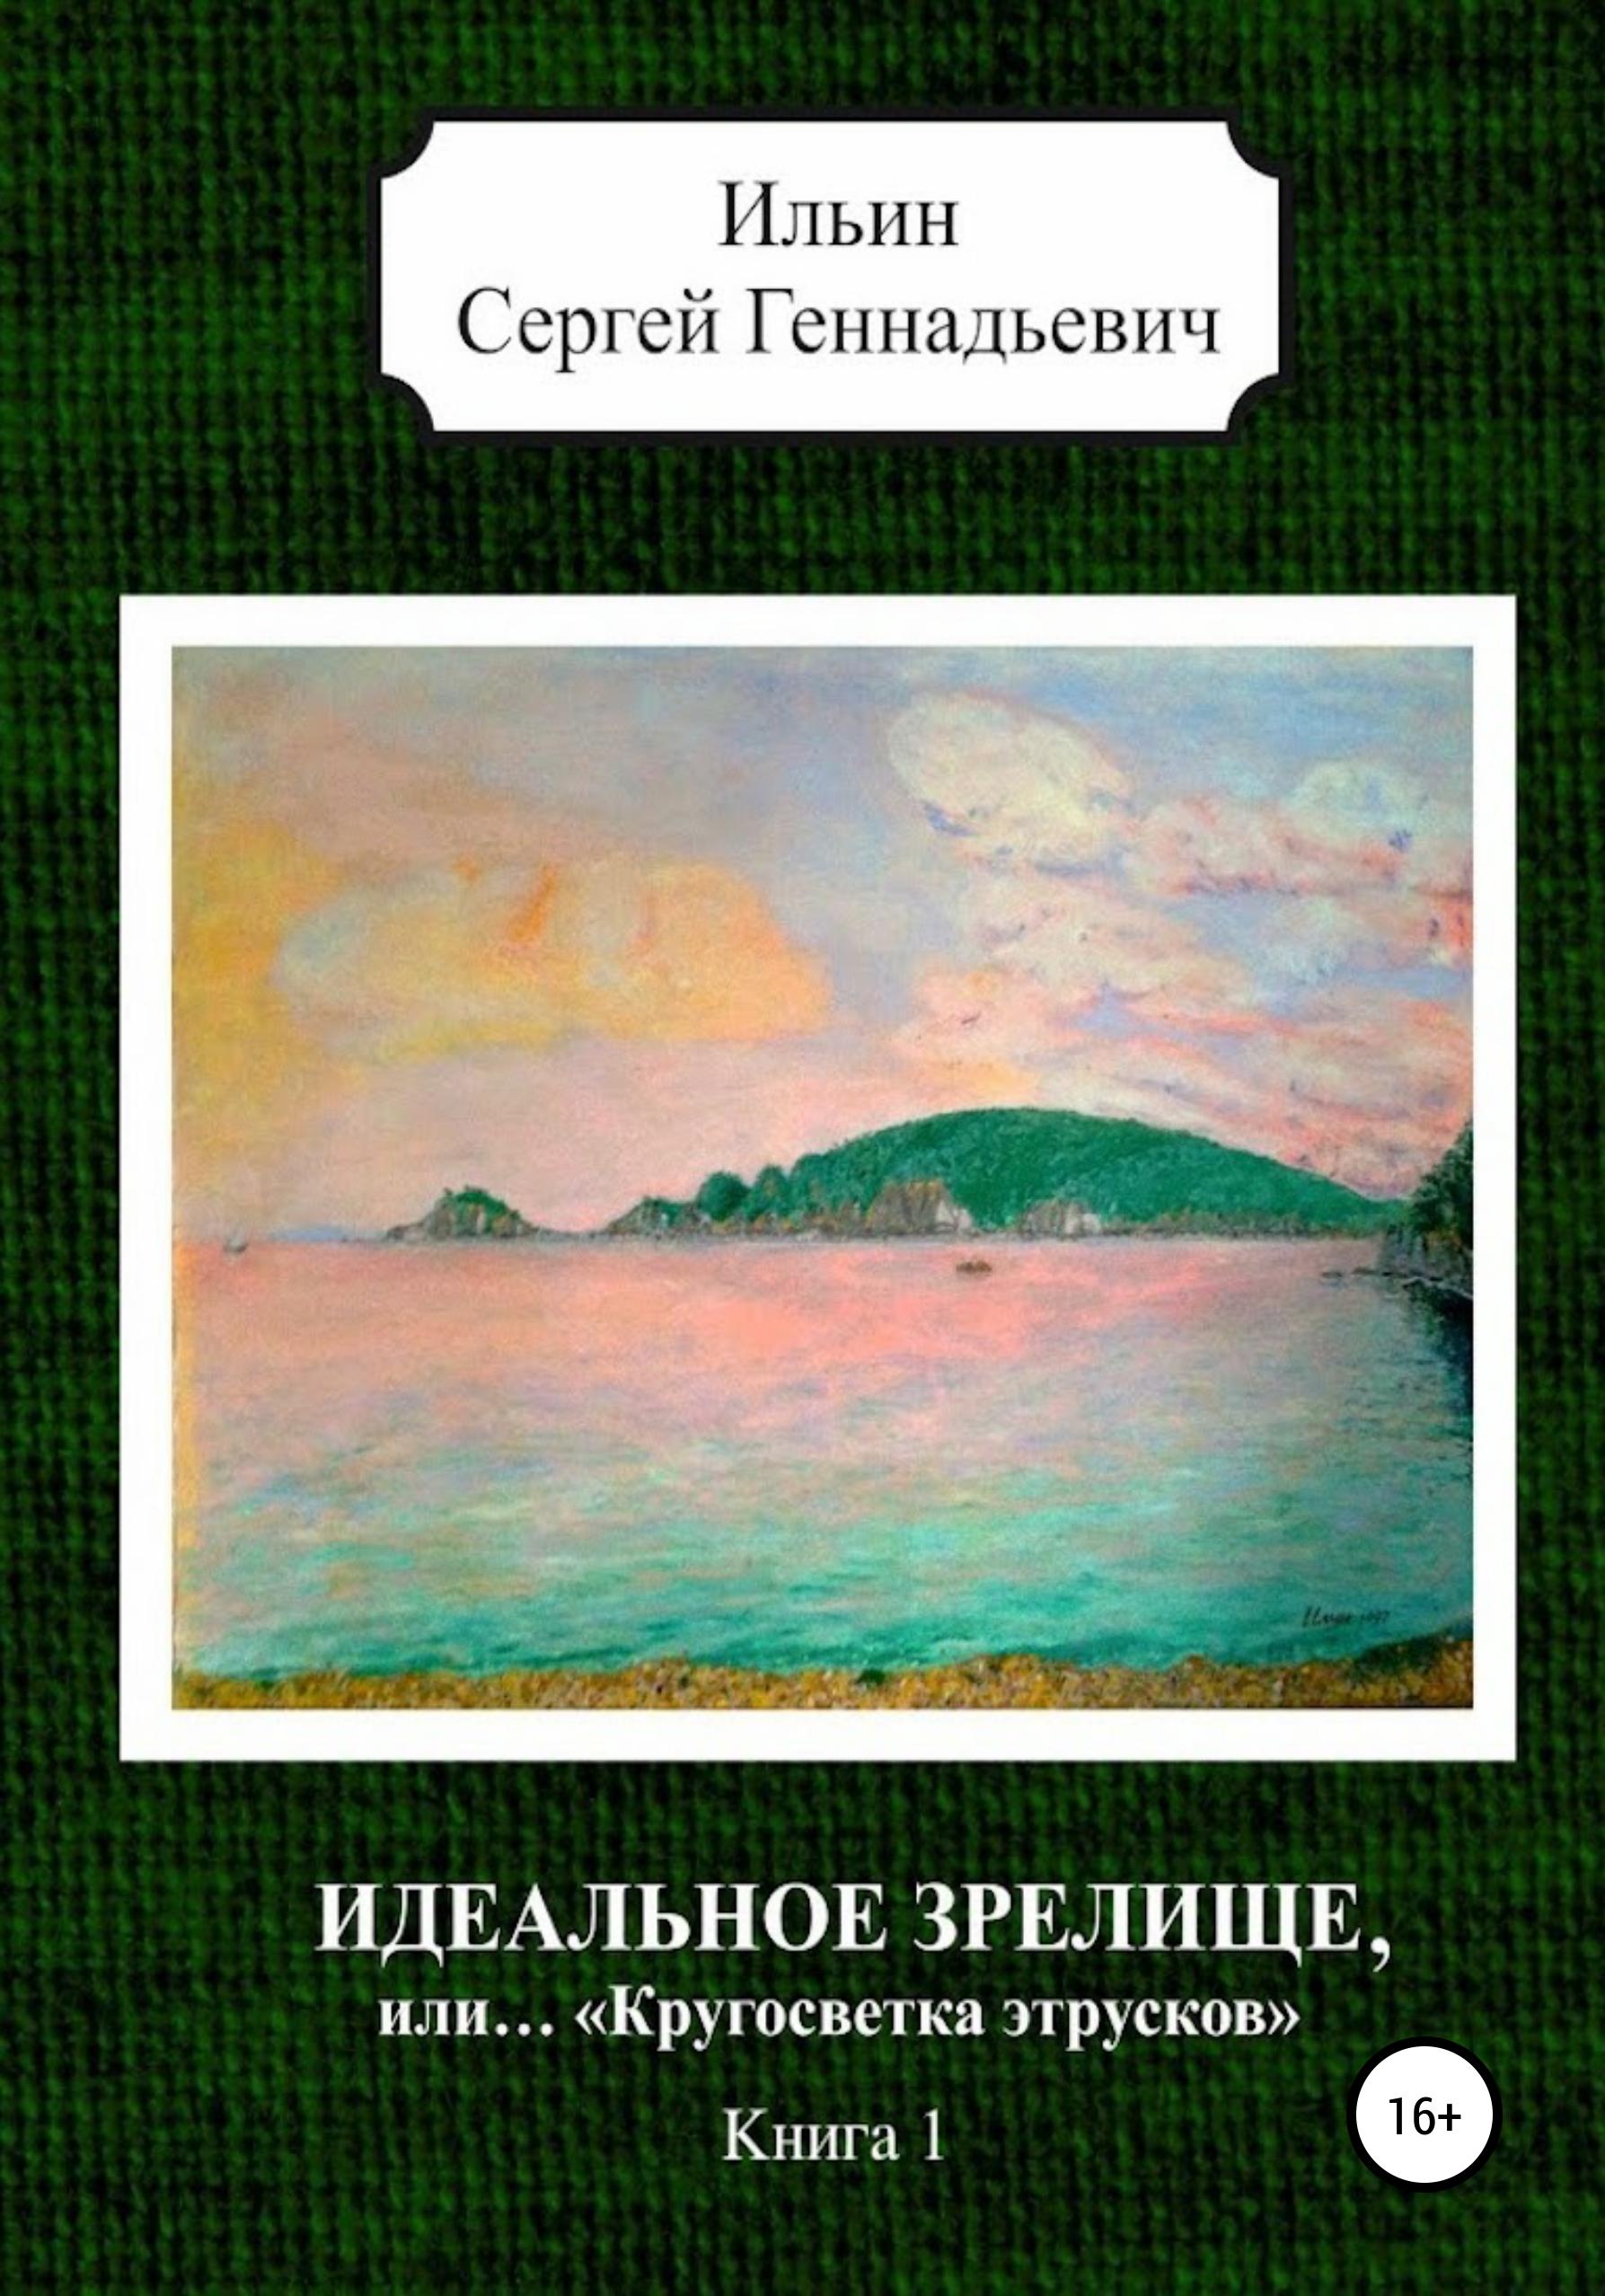 Сергей Геннадьевич Ильин Идеальное зрелище, или… «Кругосветка этрусков». Книга 1